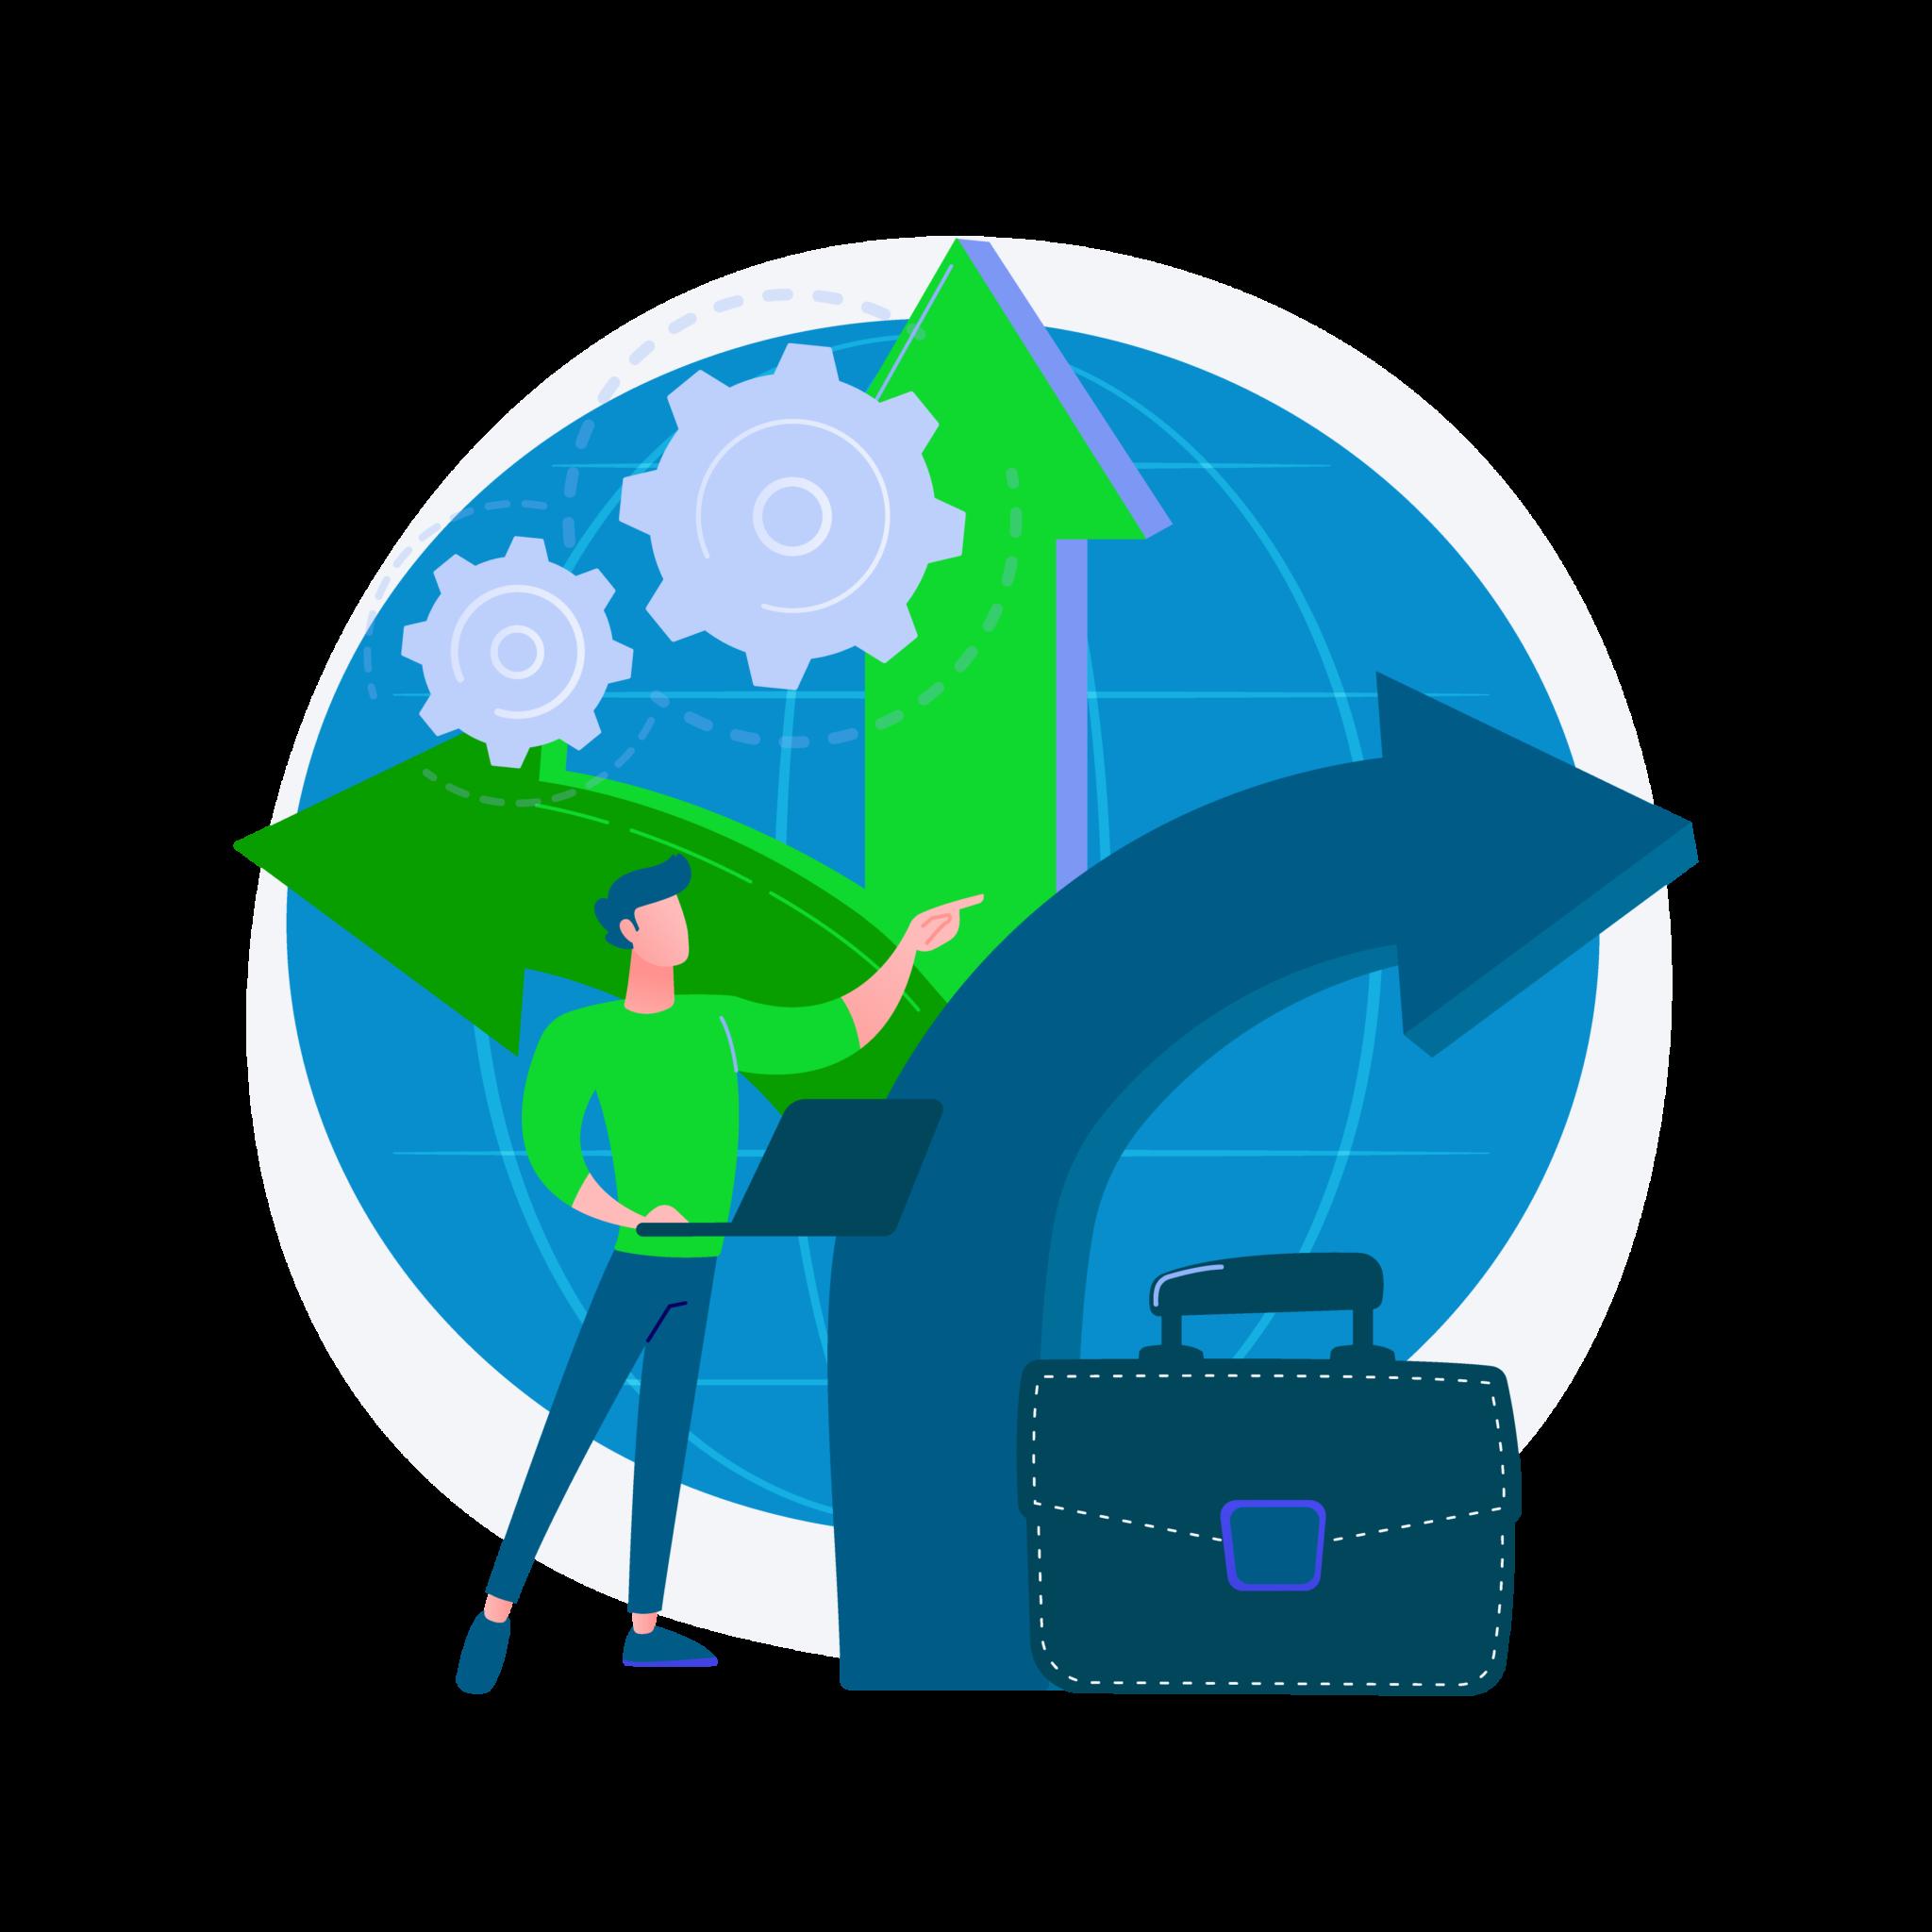 Méthode Schéma directeur logistique : choisir le bon scénario et implémenter votre réseau logistique optimal